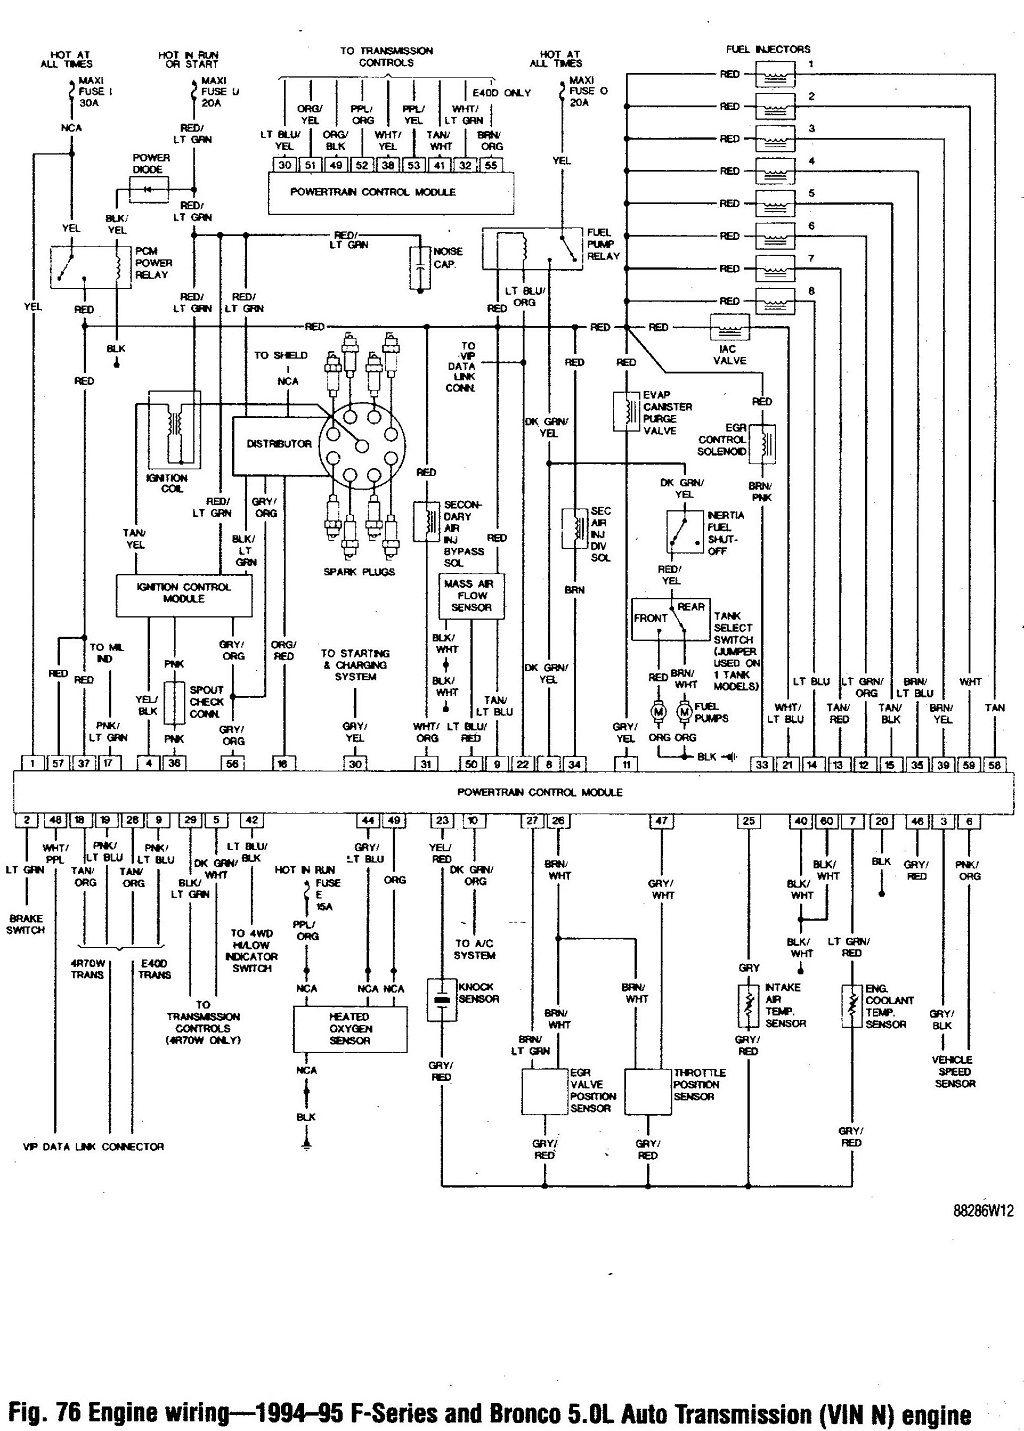 circuit diagram nokia c101